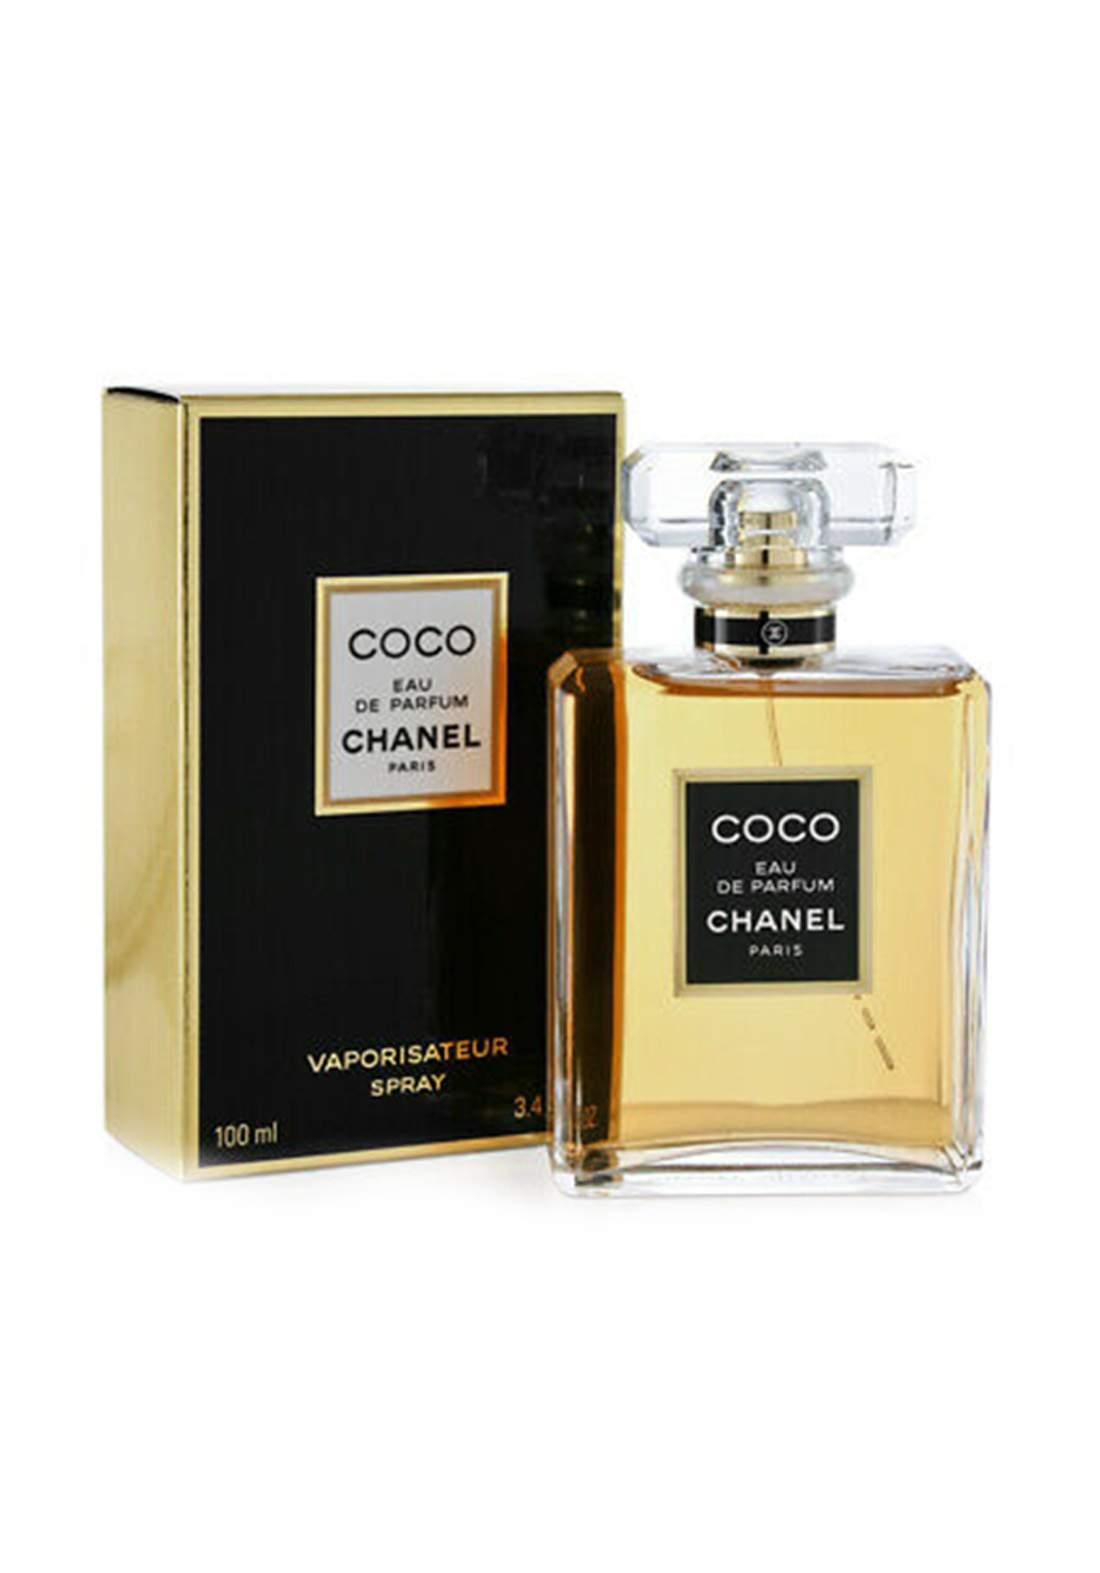 Chanel Coco Edp Eau de Parfum Spray For Women 100ml عطر نسائي